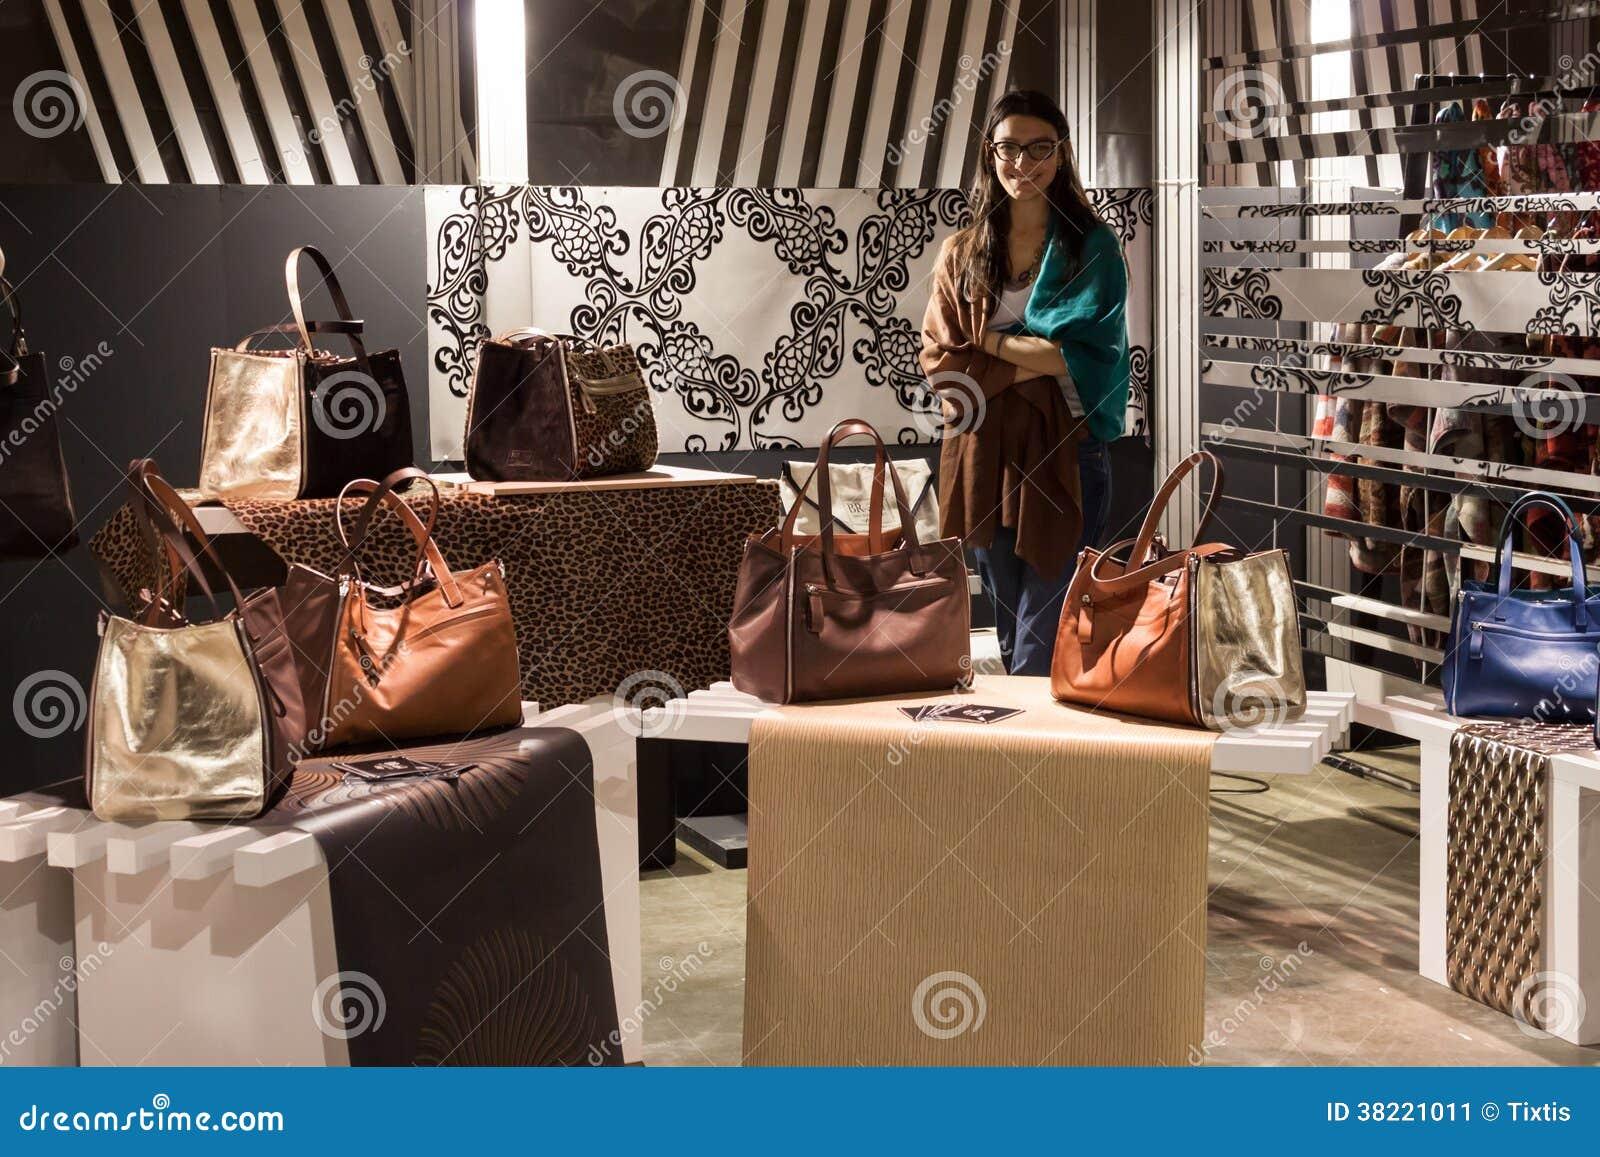 Выставка сумок в милане работа для девушек в уренгое